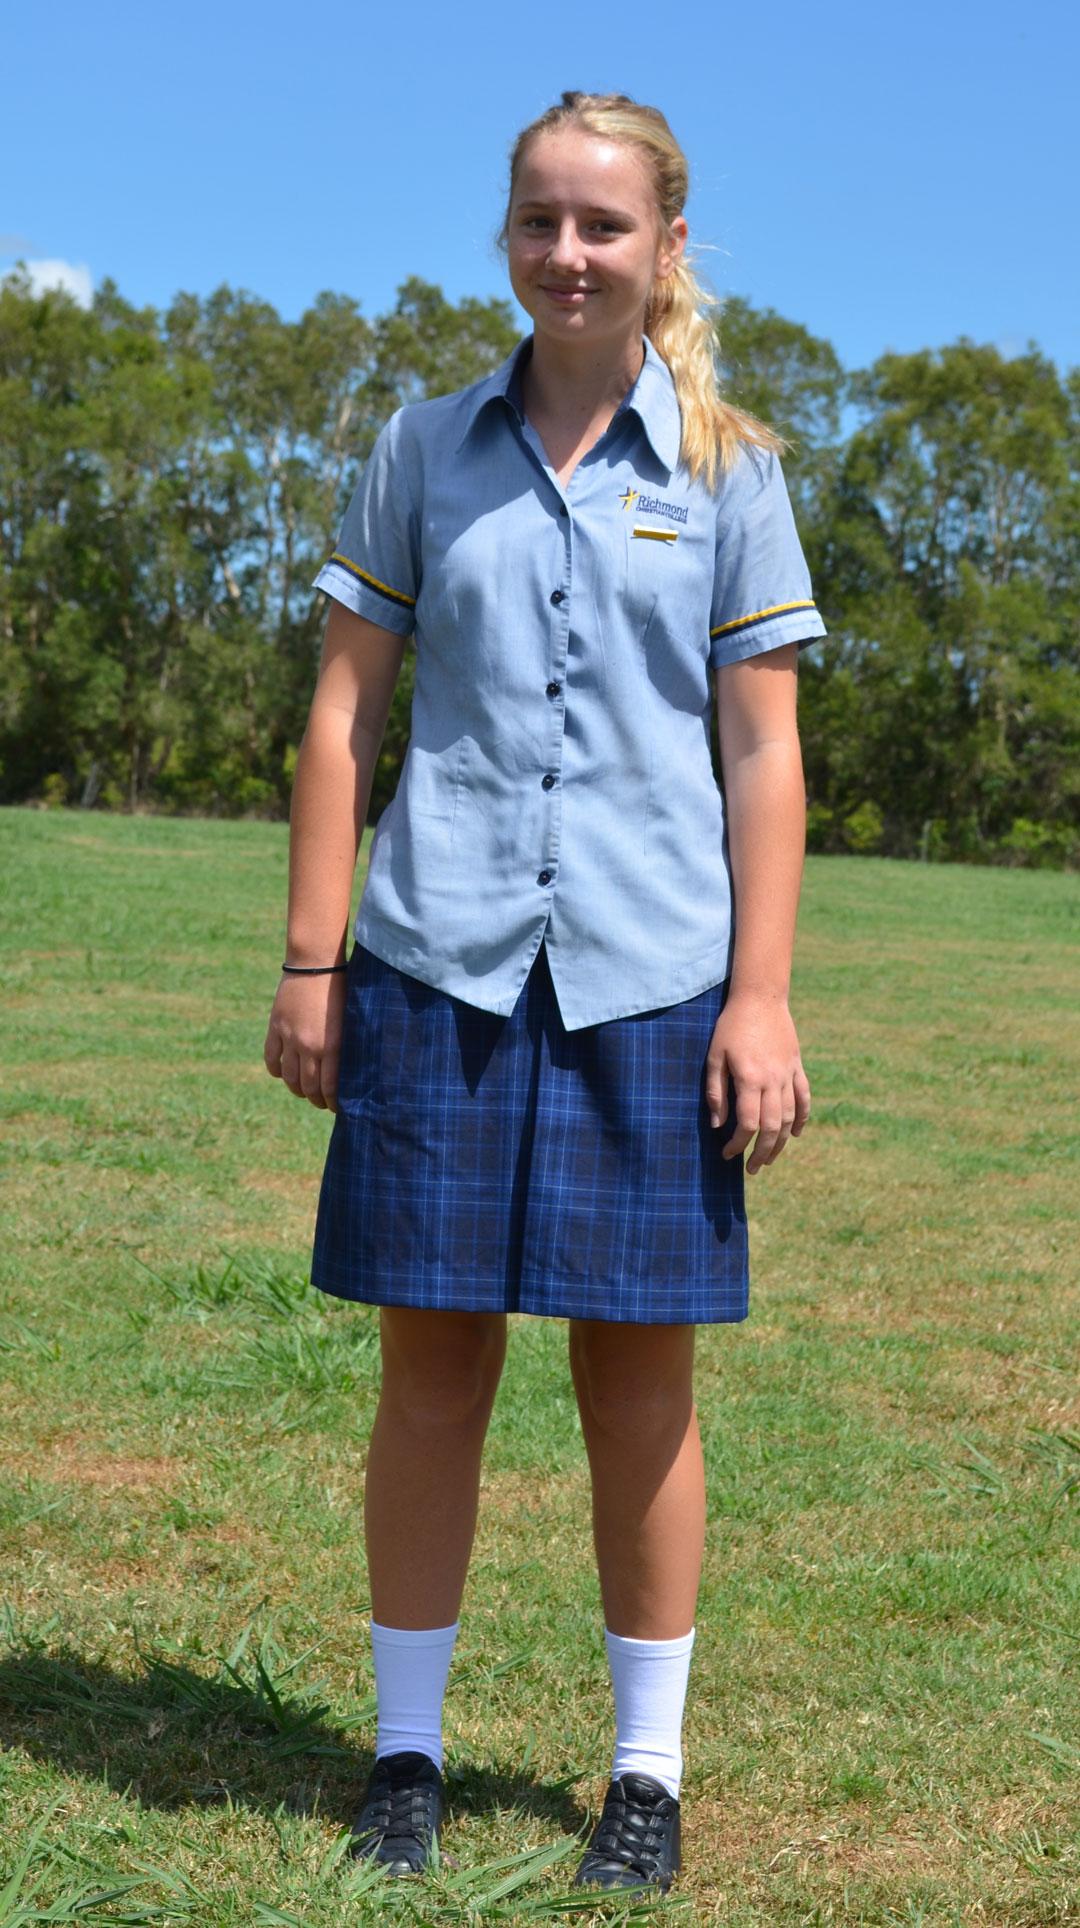 highschoolgirl